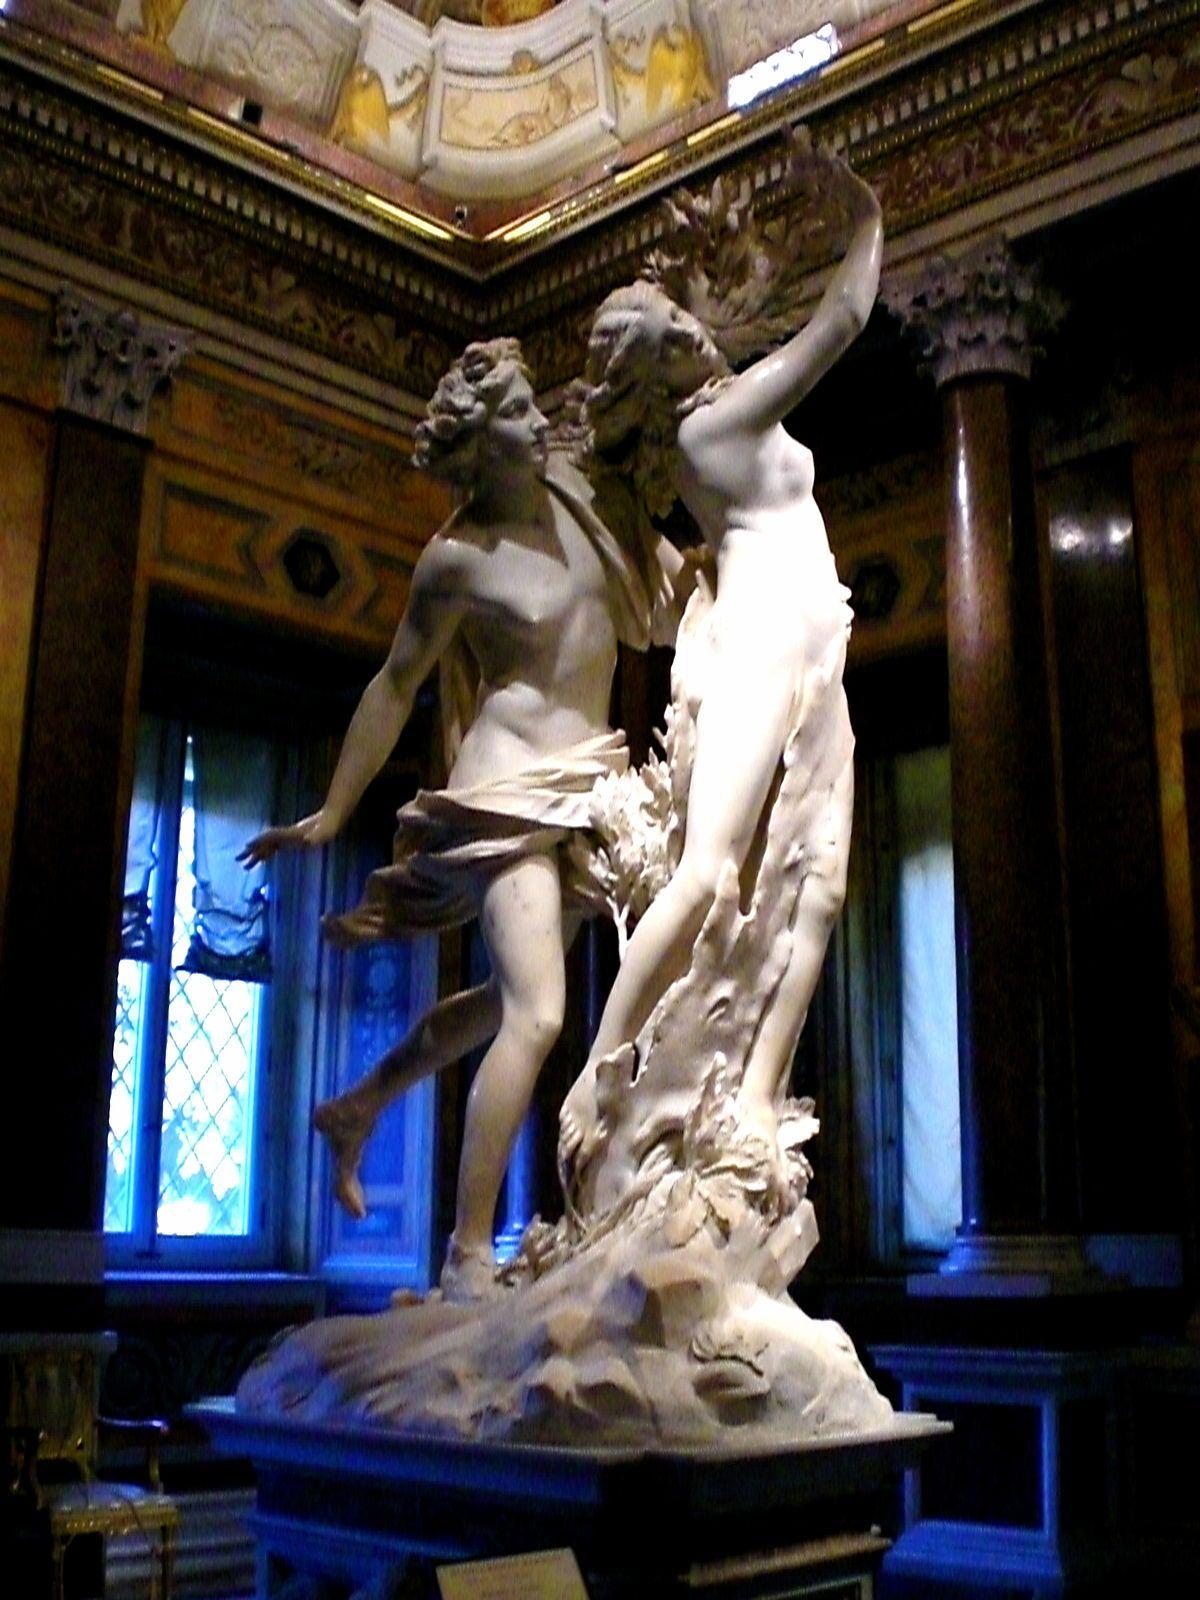 Georg Friedrich Händel (1685-1759): Apollo e Dafne & Silete Venti